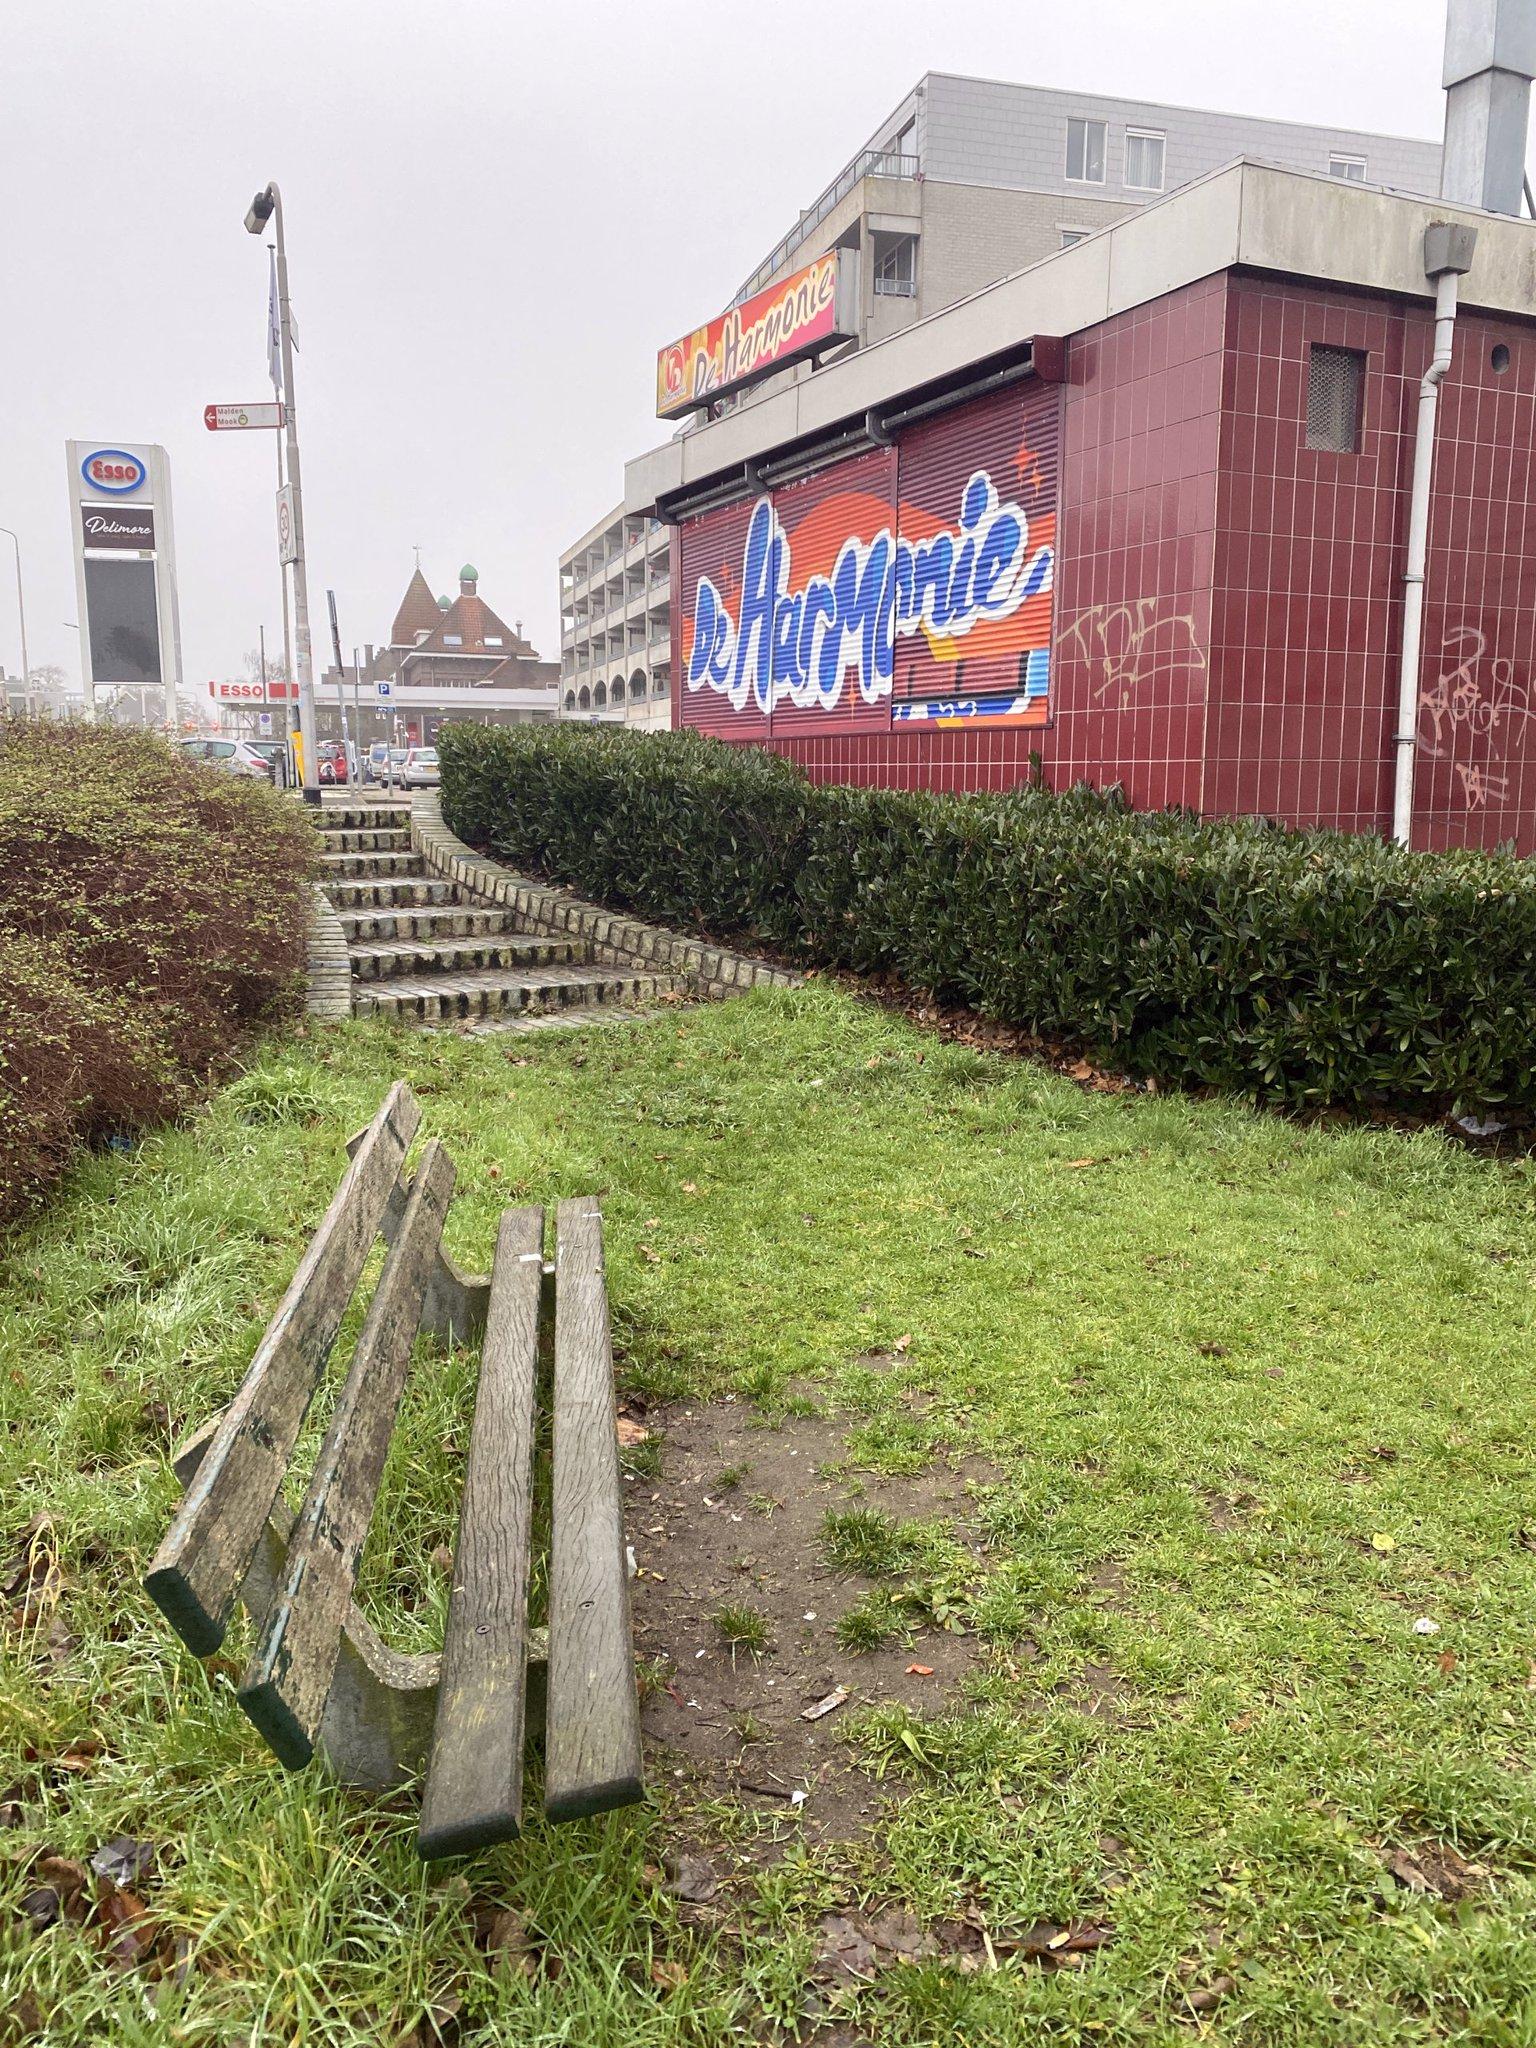 rt-arthurskm-voor-wandelbankjes-en-walkersbenches-bij-de-sint-annastraat-in-nijmegen-ter-hoogte-van-de-friettent-https-t-co-axn